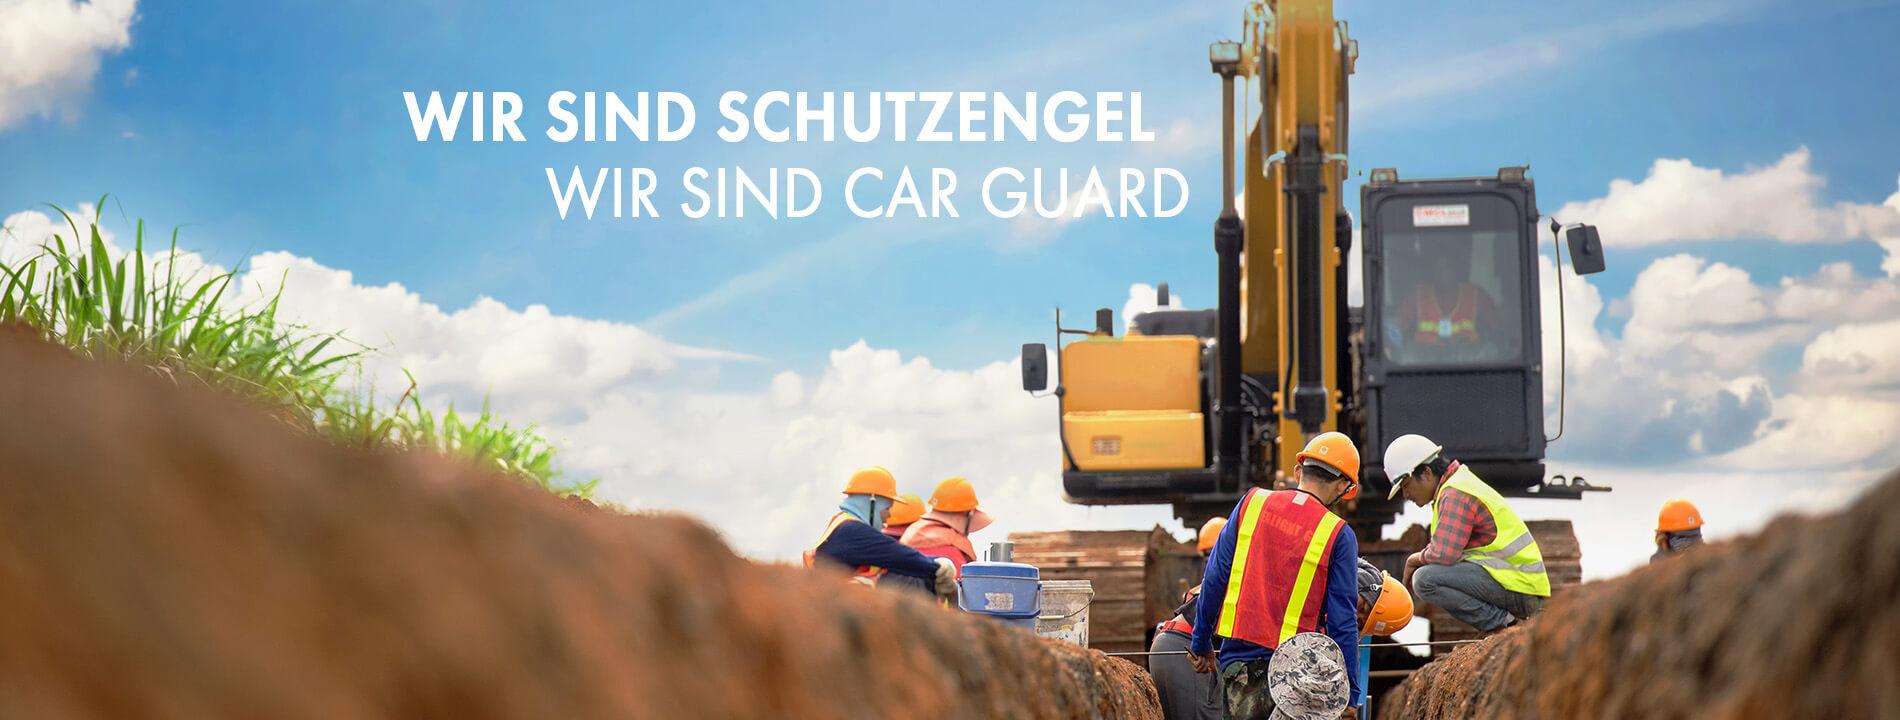 Wir sind  Schutzengel - Wir sind Car Guard